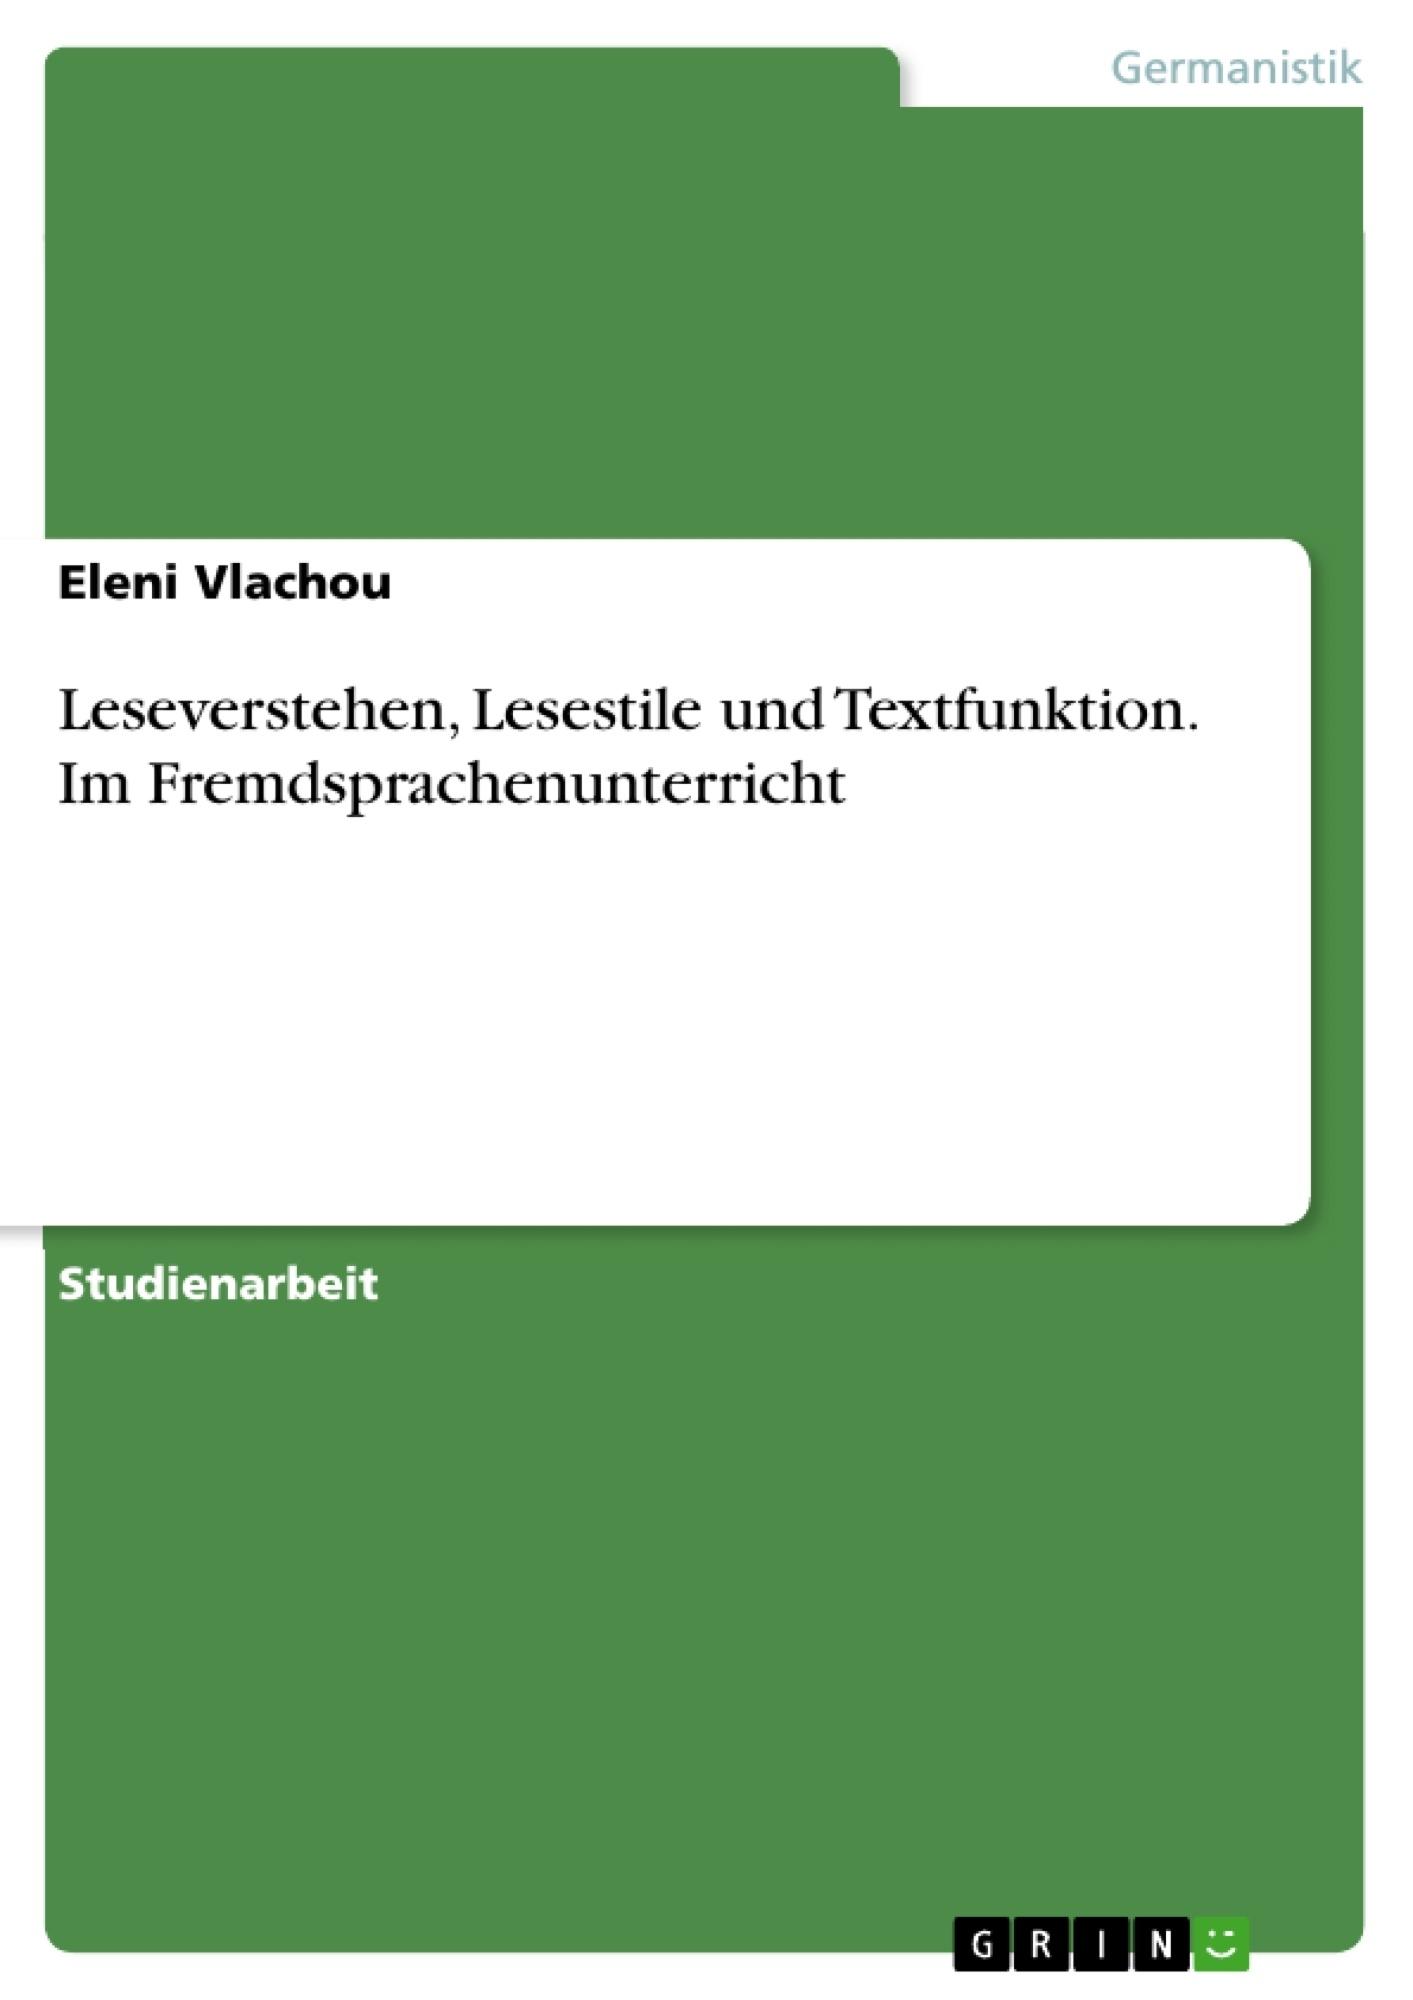 Titel: Leseverstehen, Lesestile und Textfunktion. Im Fremdsprachenunterricht